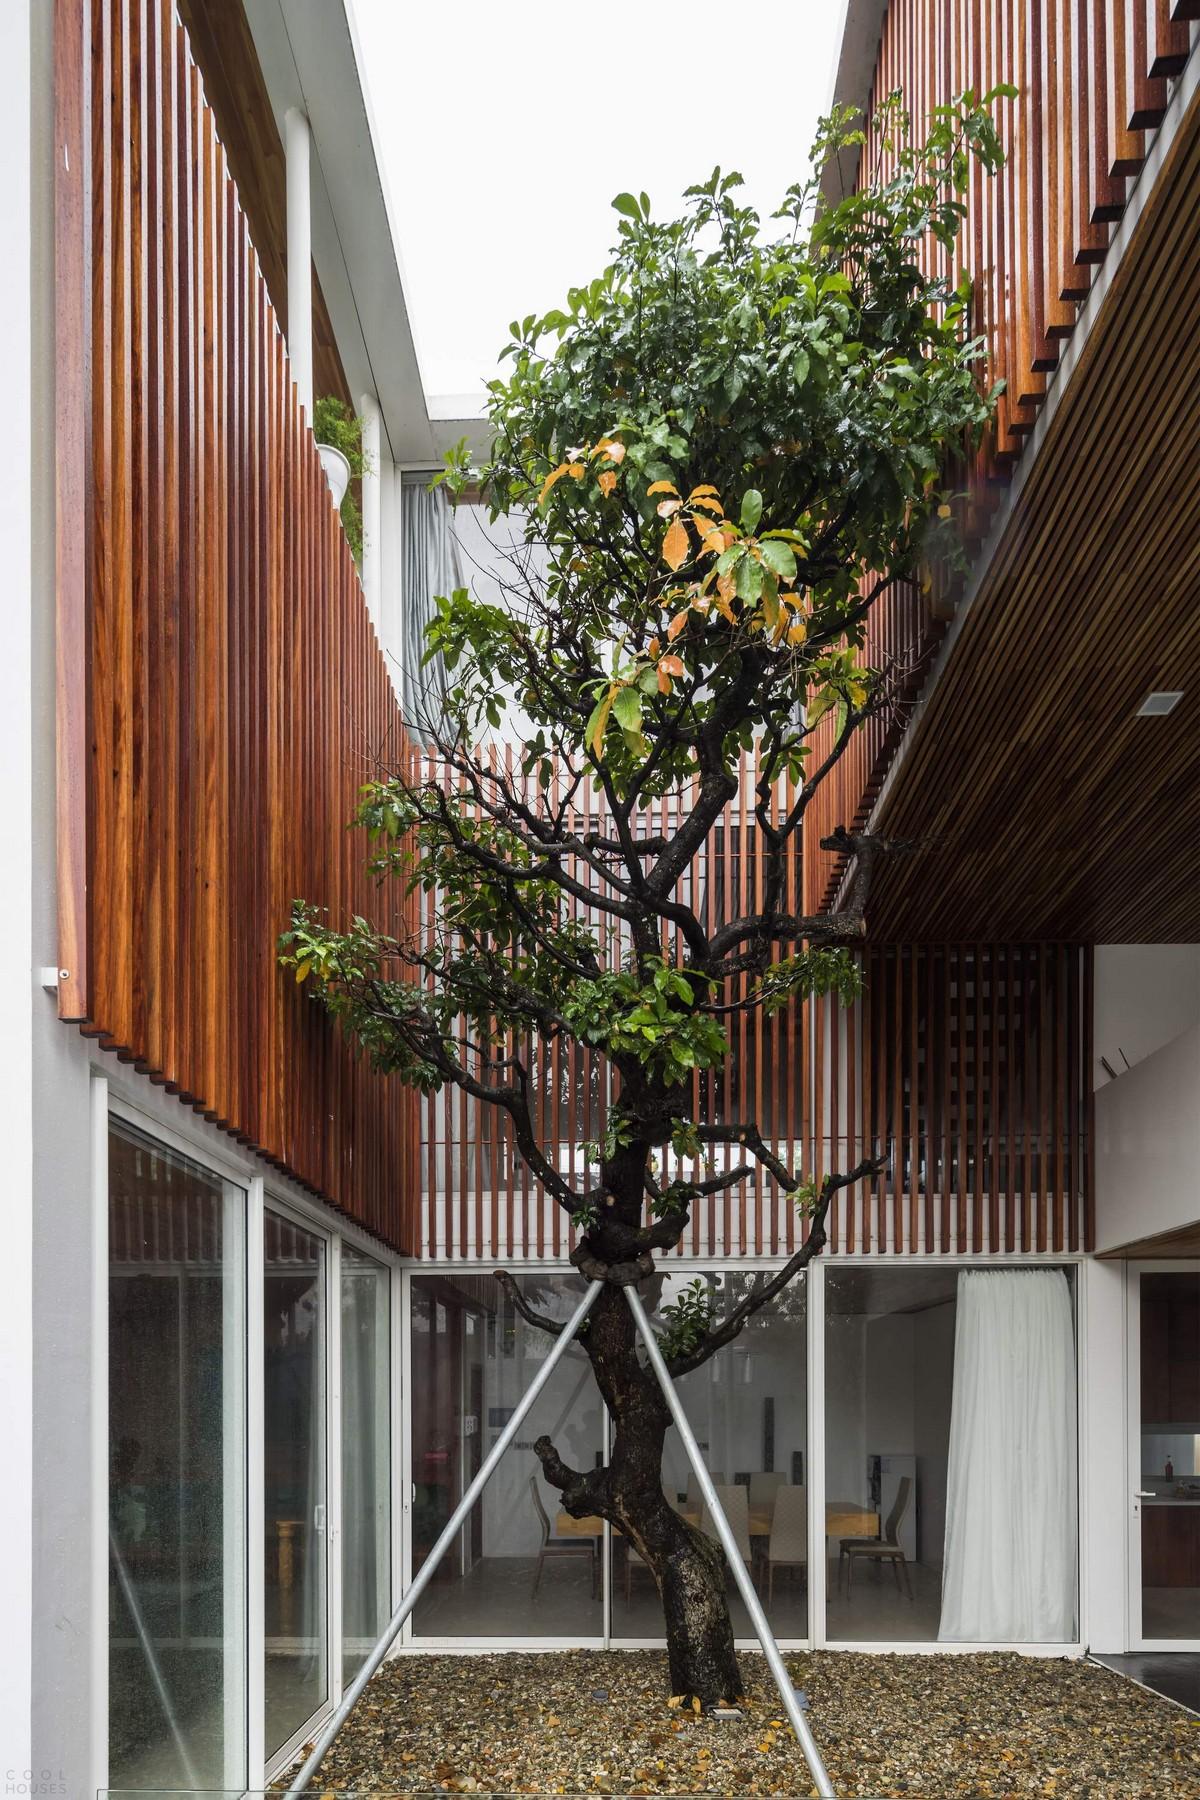 Семейный дом с внутренним садом во Вьетнаме